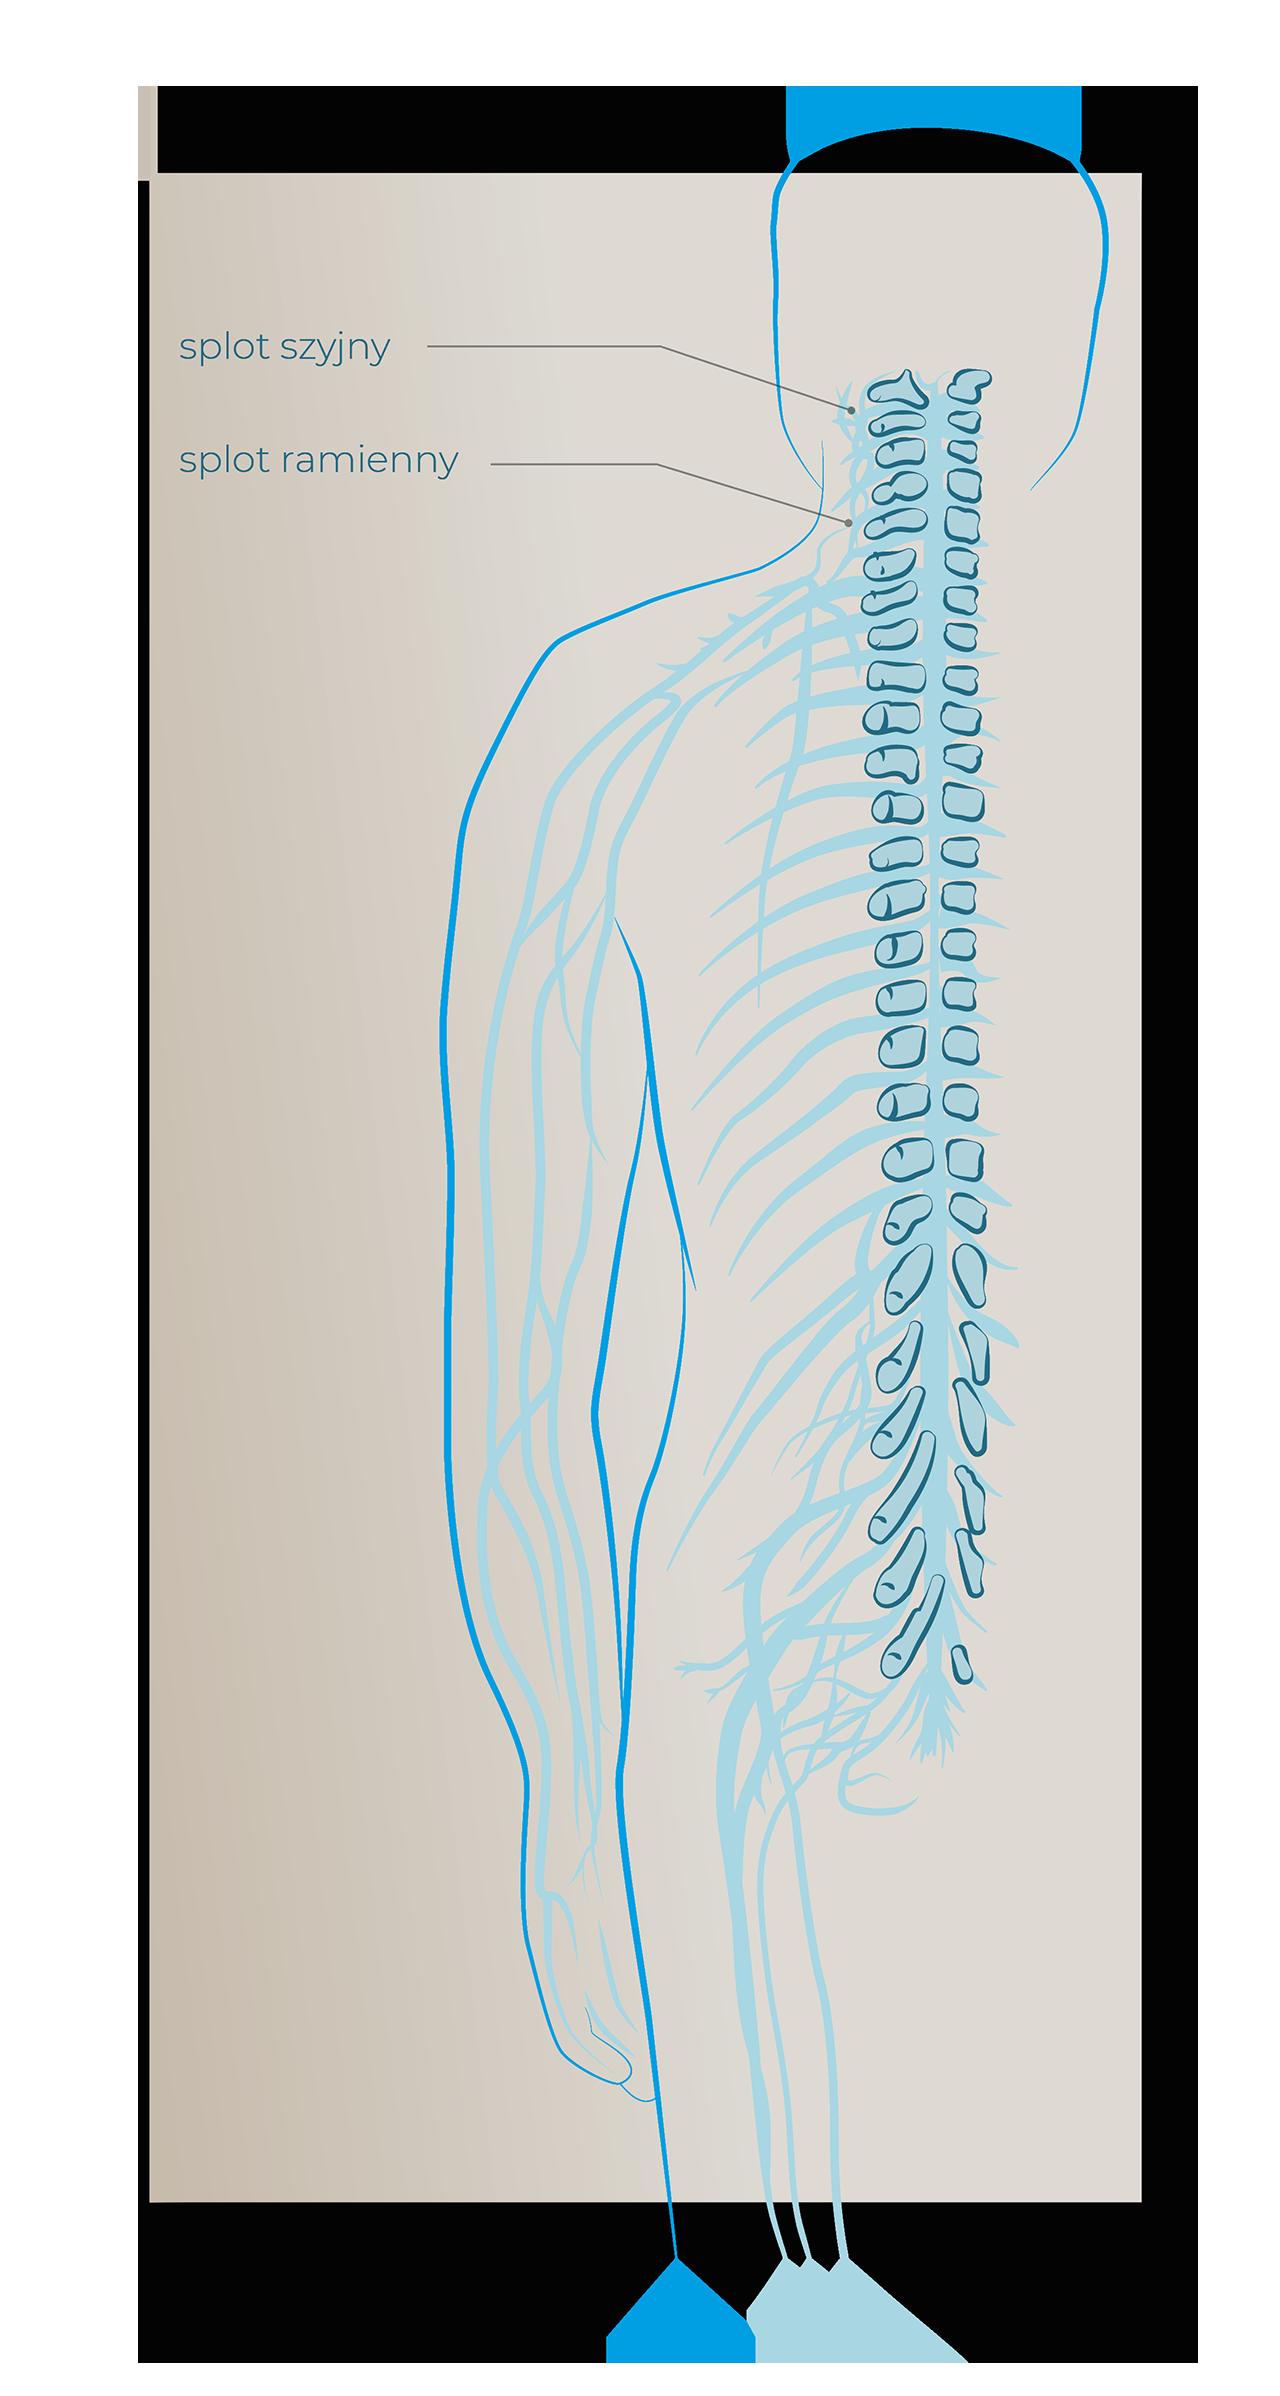 splot szyjny splot ramienny